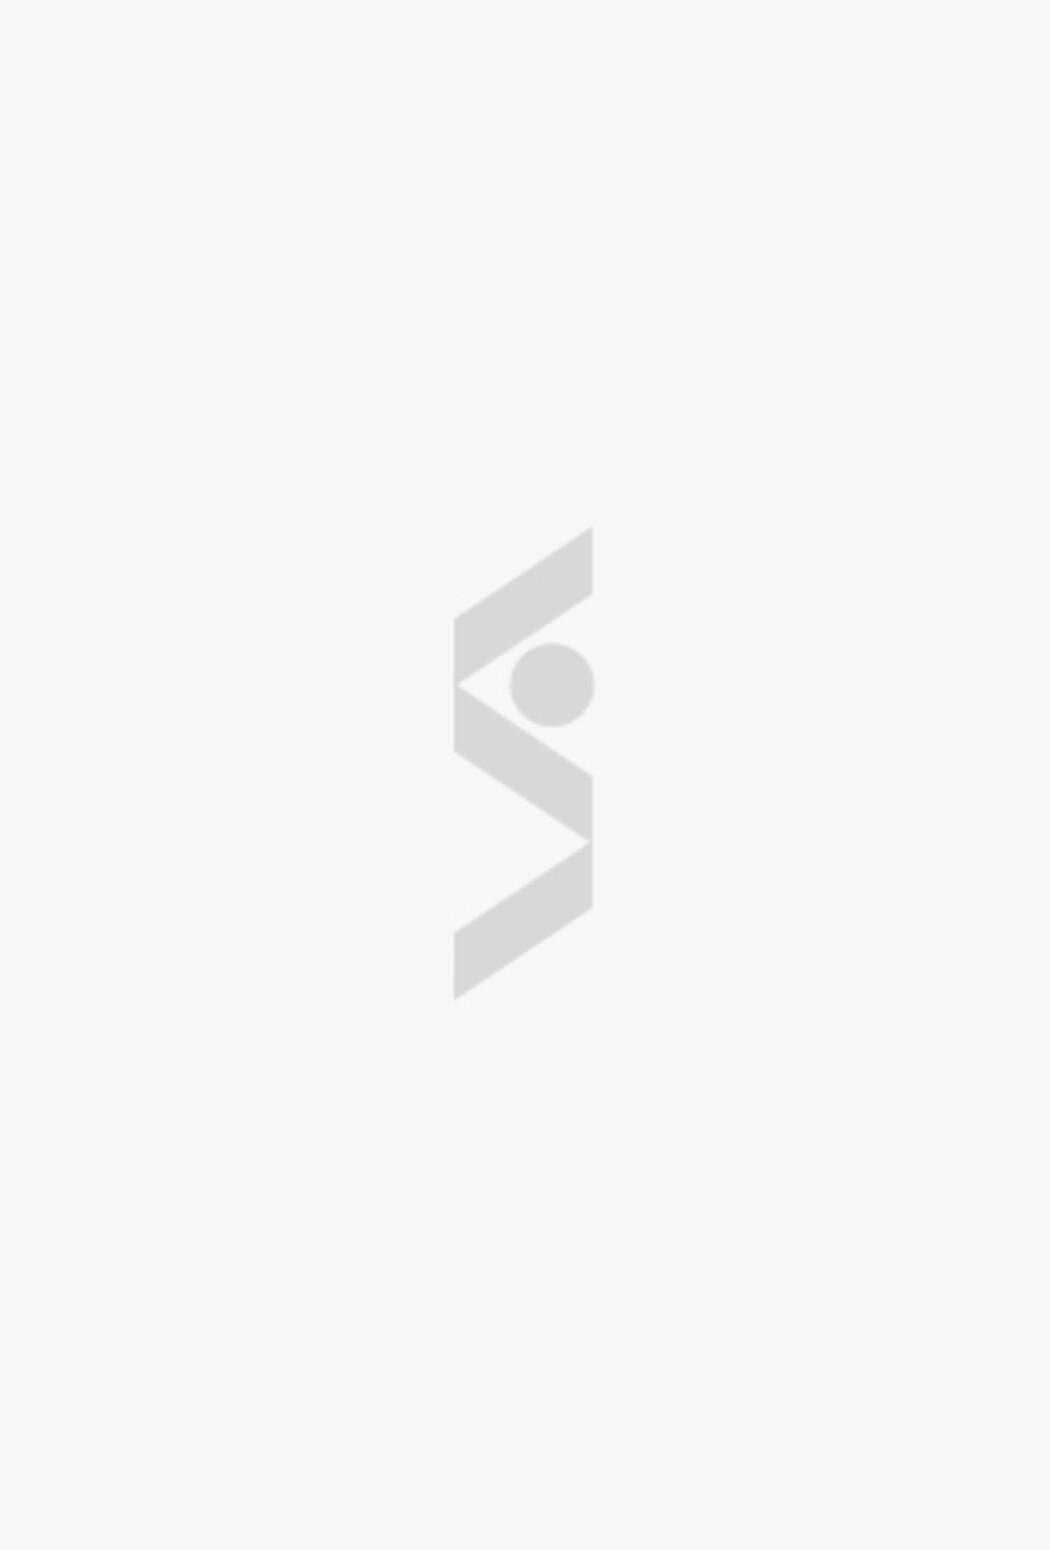 Сэтчел цвета розовый металлик Trussardi Jeans - цена 6490 ₽ купить в интернет-магазине СТОКМАНН в Москве